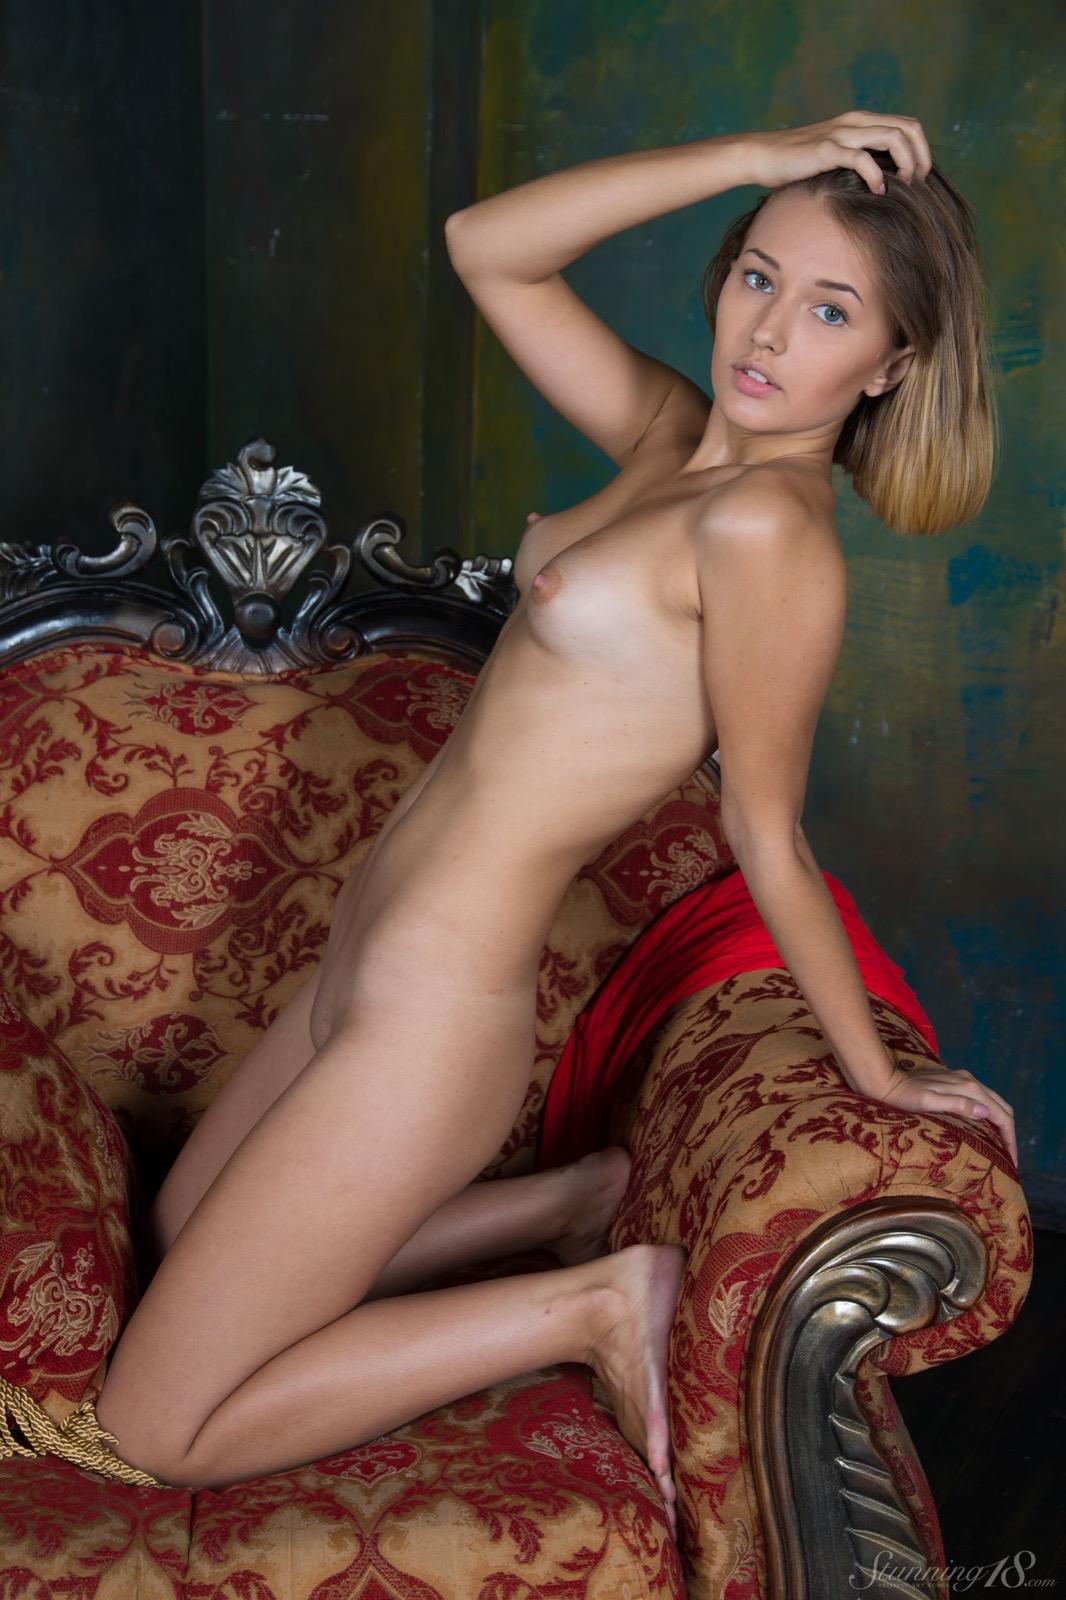 Teen veronica nude